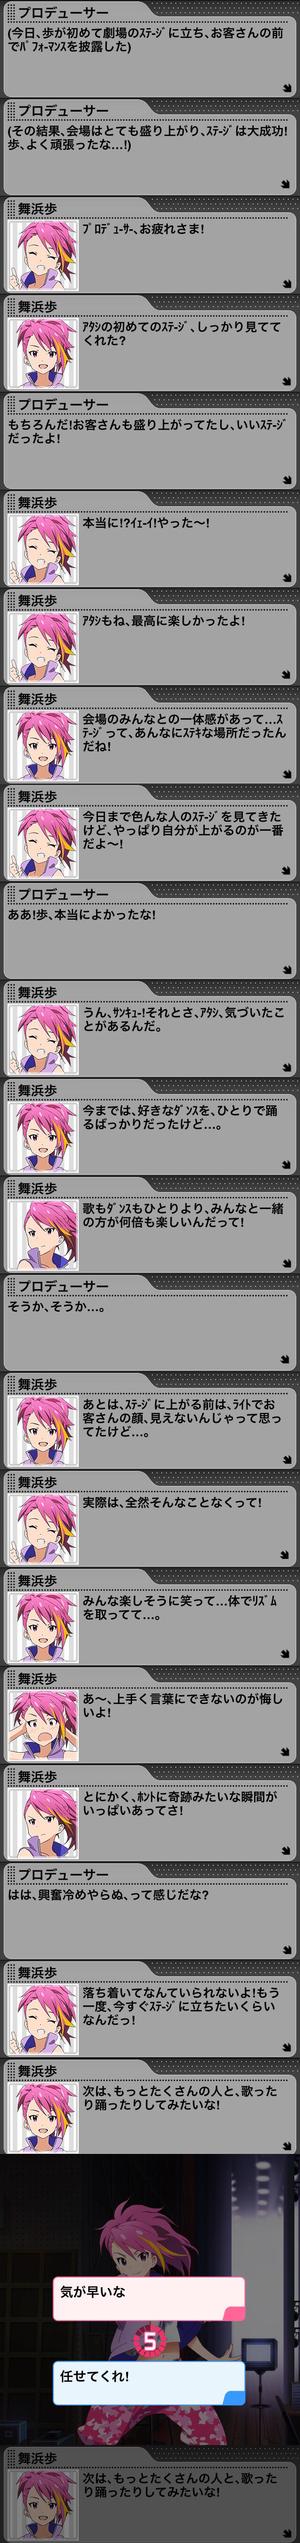 舞浜歩アイドルストーリーLv6_3